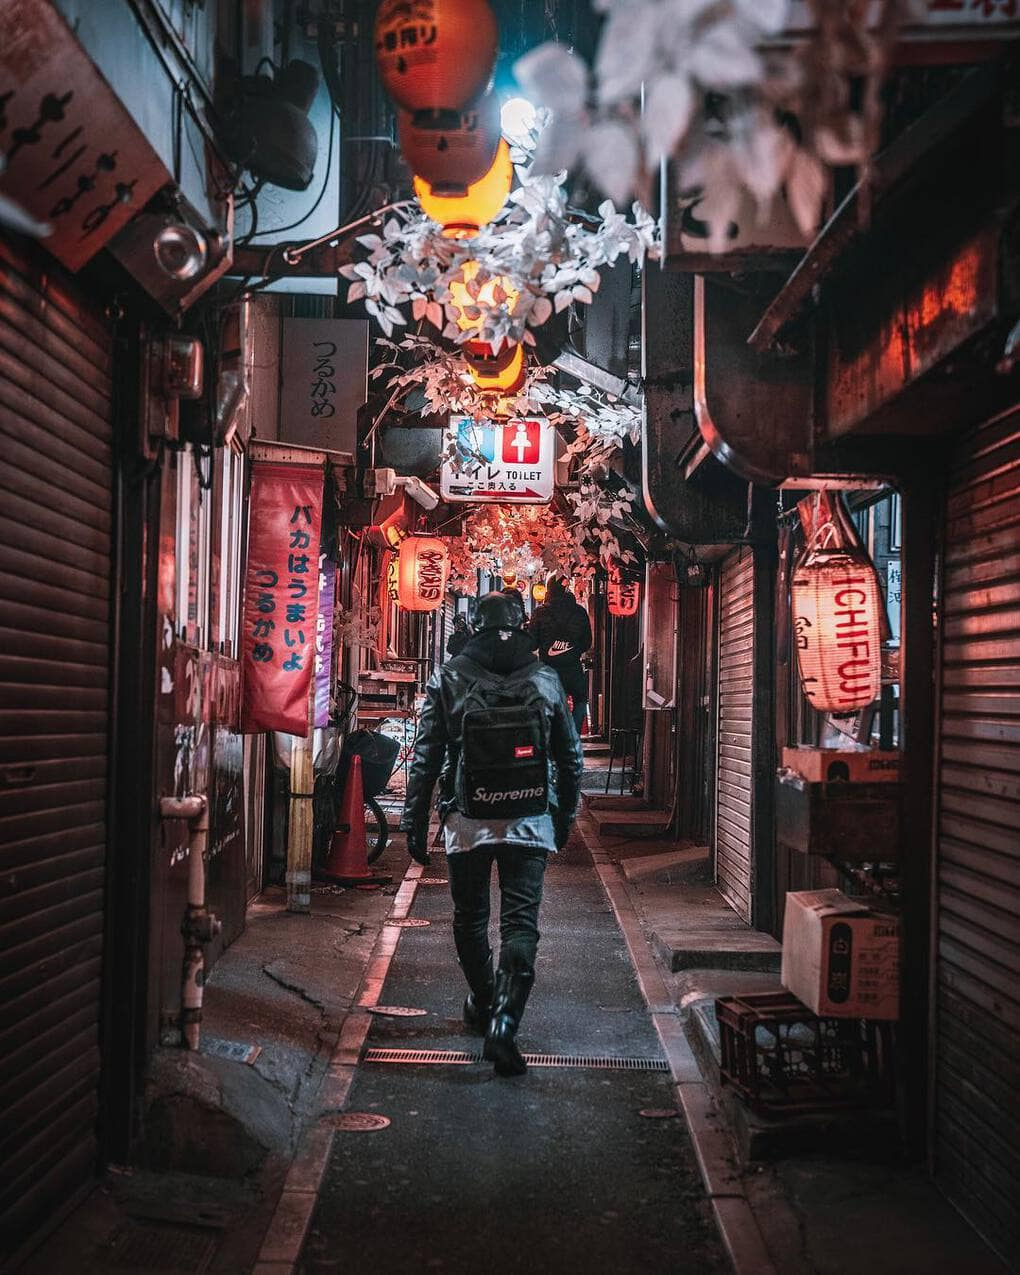 jungraphy 52352441 121770192268016 5895930438030864912 n - 25 работ фотографа из Токио, которые погрузят вас в магическую атмосферу ночных японских улиц